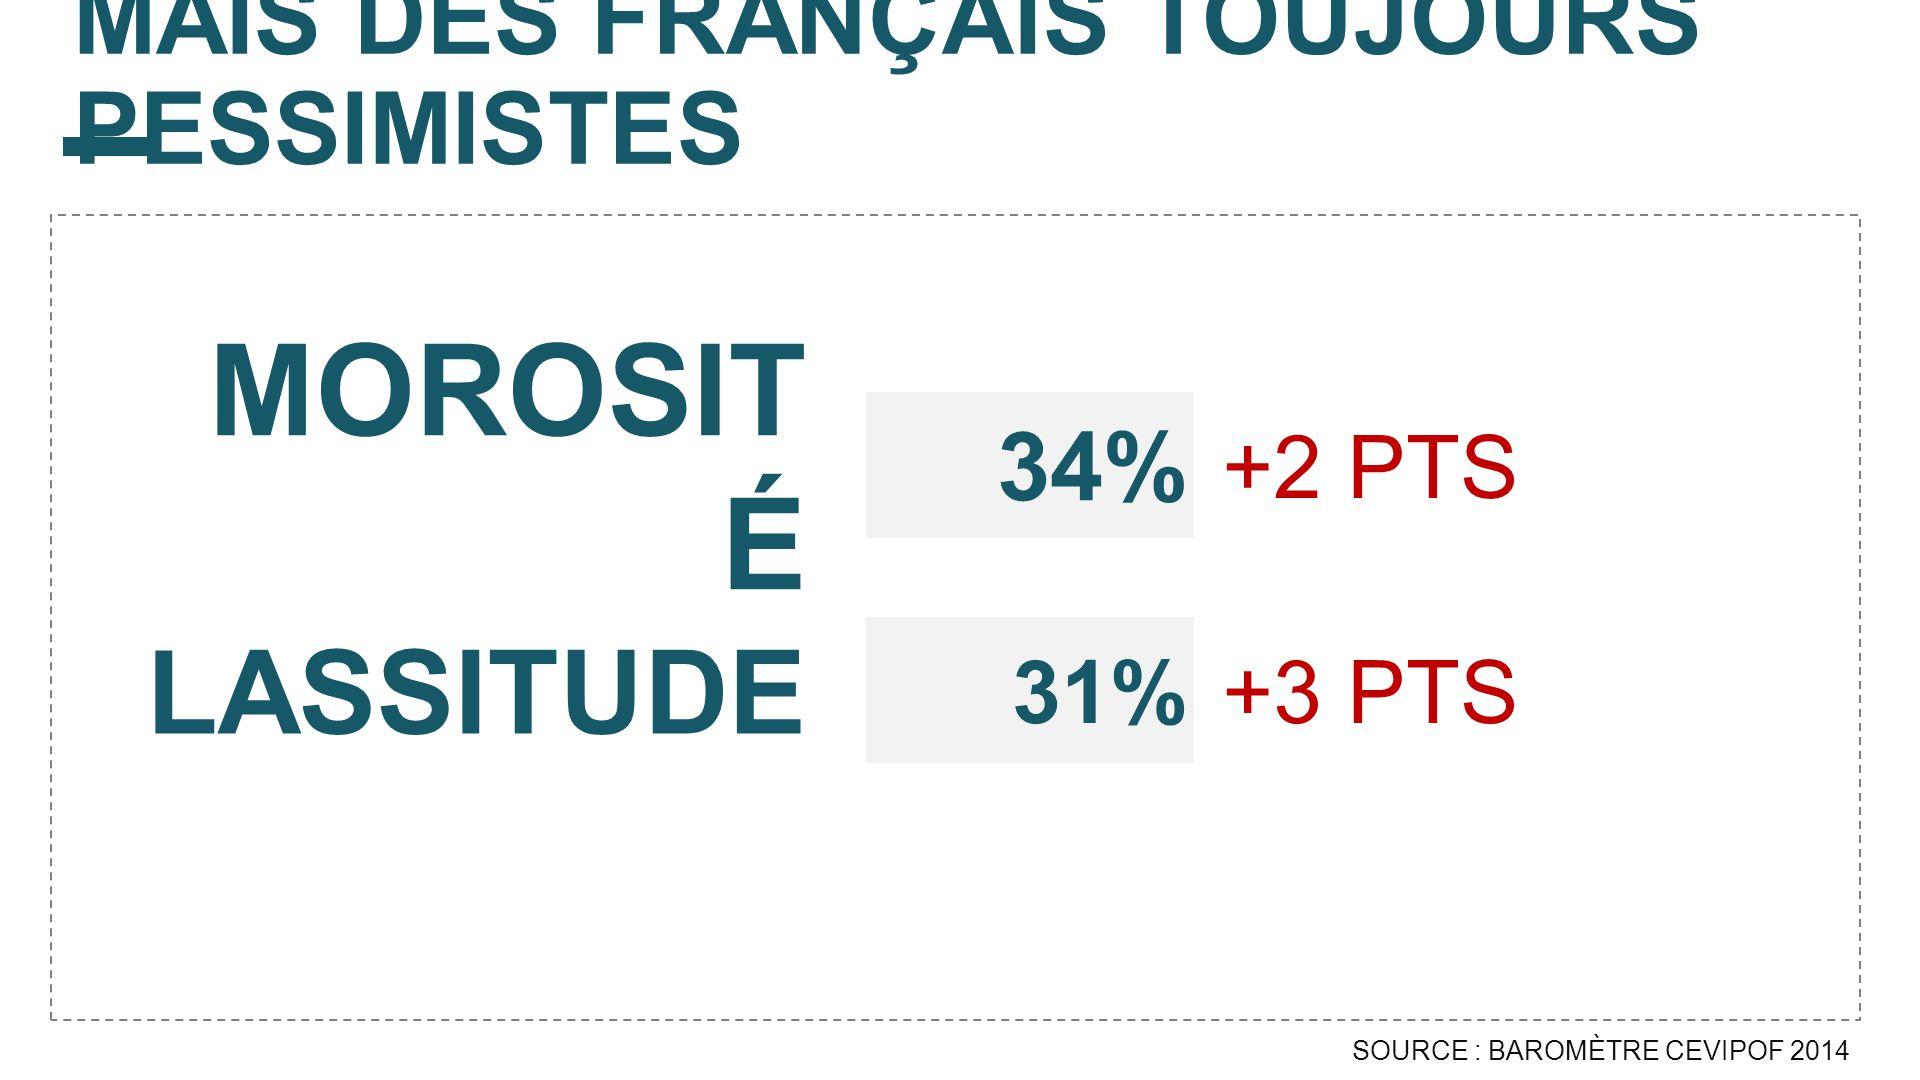 MAIS DES FRANÇAIS TOUJOURS PESSIMISTES SOURCE : BAROMÈTRE CEVIPOF 2014 +2 PTS 34% MOROSIT É LASSITUDE +3 PTS 31%